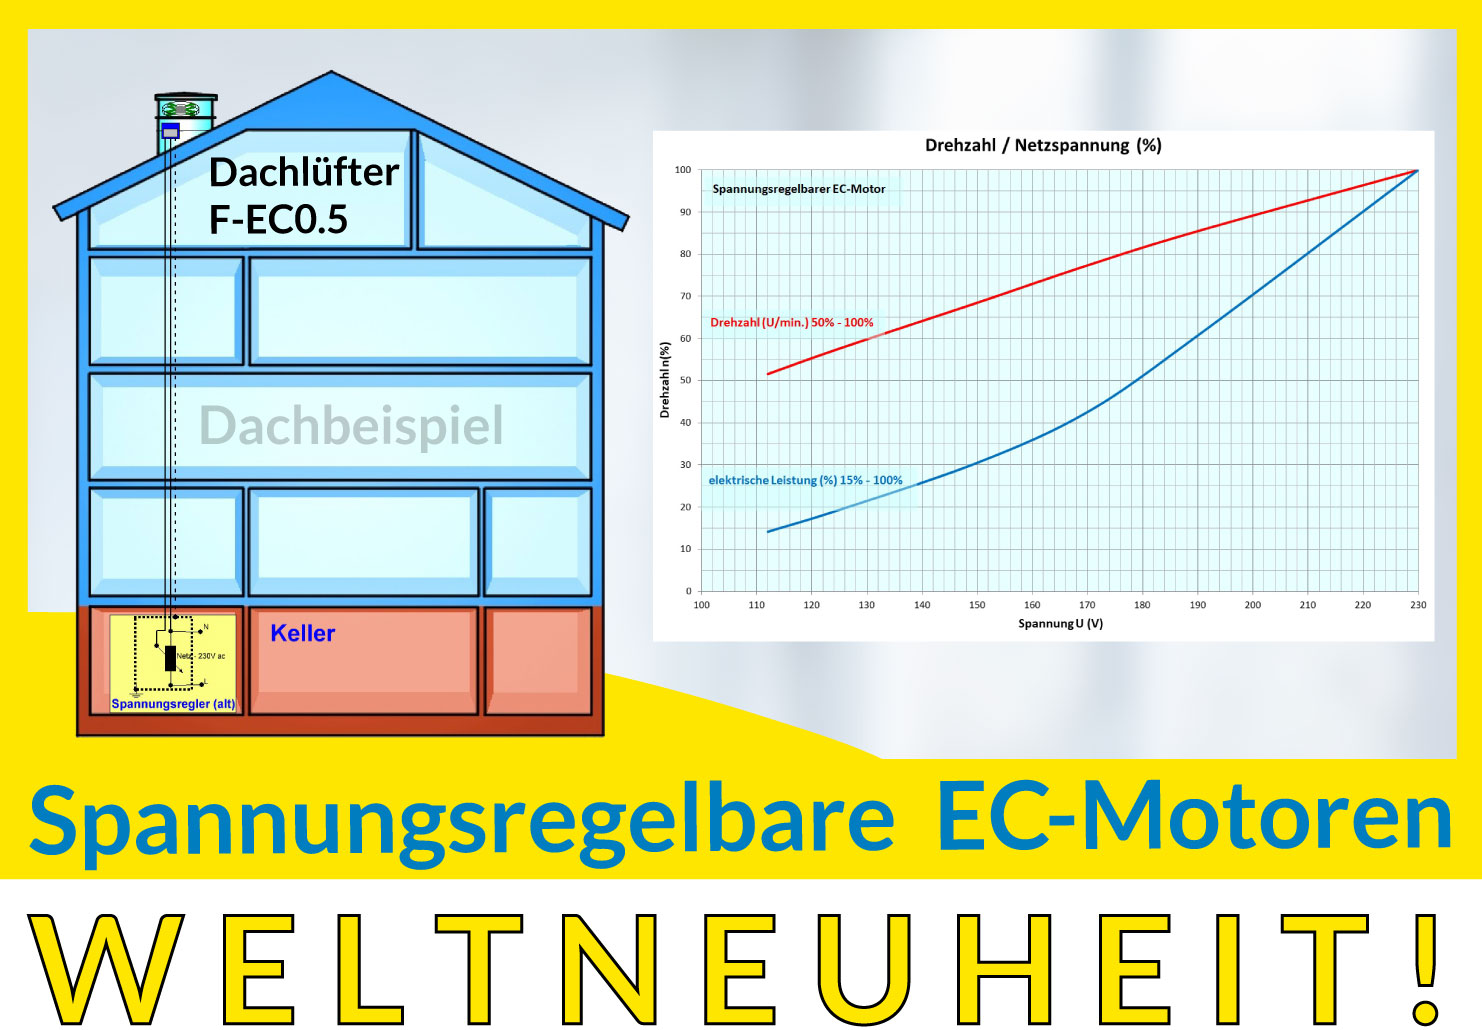 Spannungsregelbare EC-Motoren